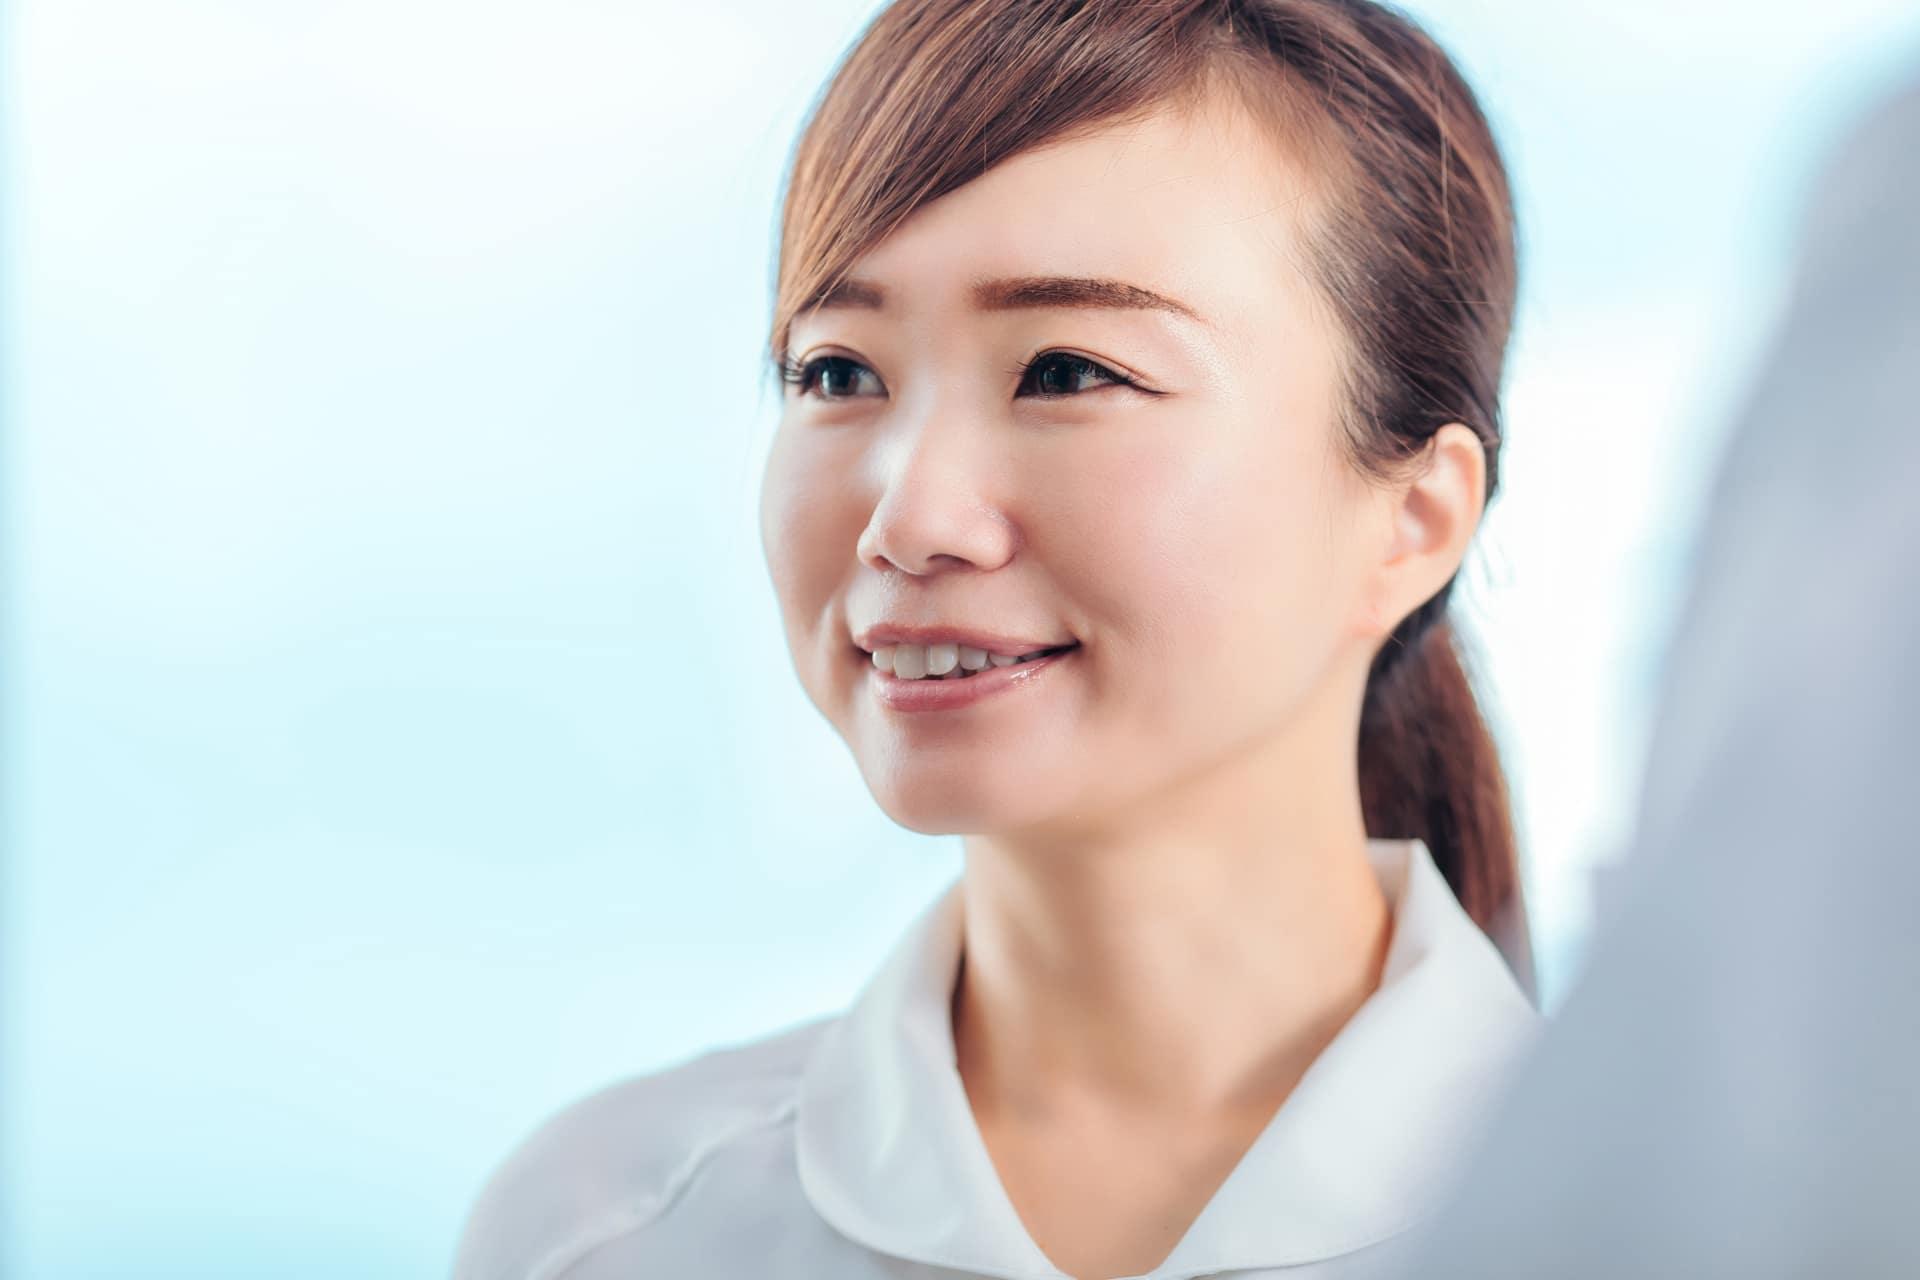 笑顔の歯科衛生士の女性